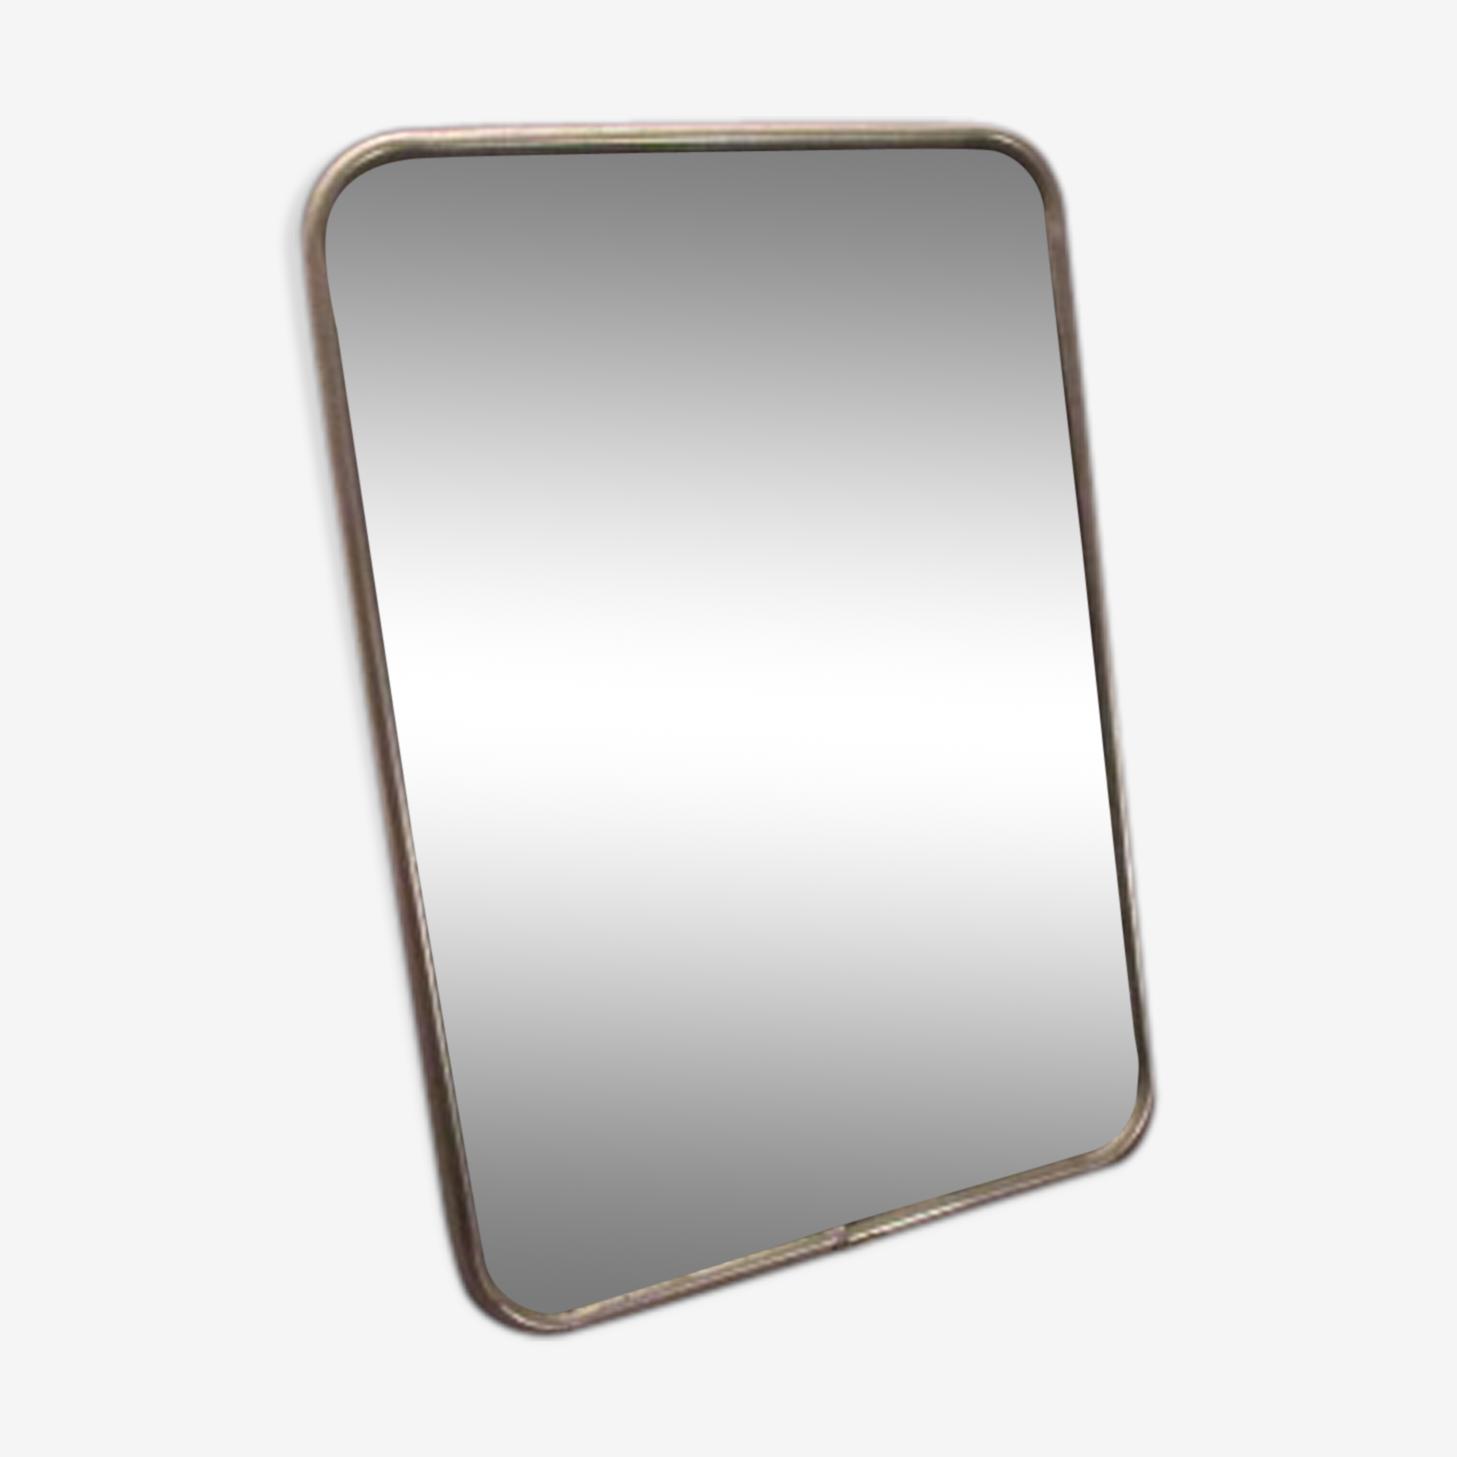 Miroir de barbier ancien 17,5x12,5cm